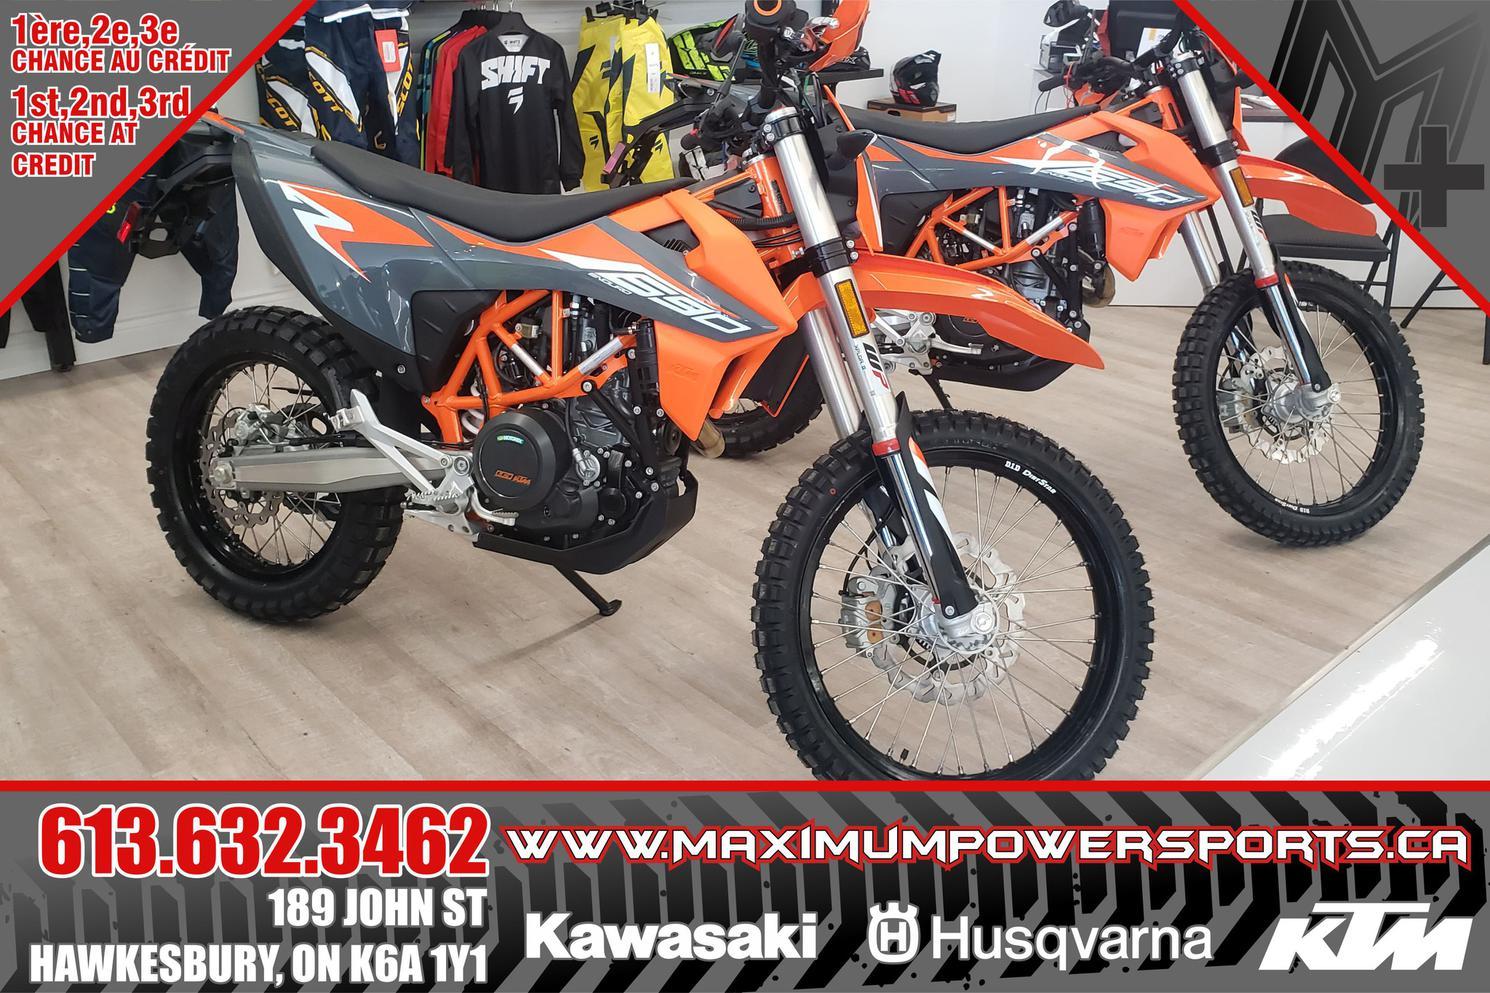 KTM 690 ENDURO R 2021 - 690 ENDURO R